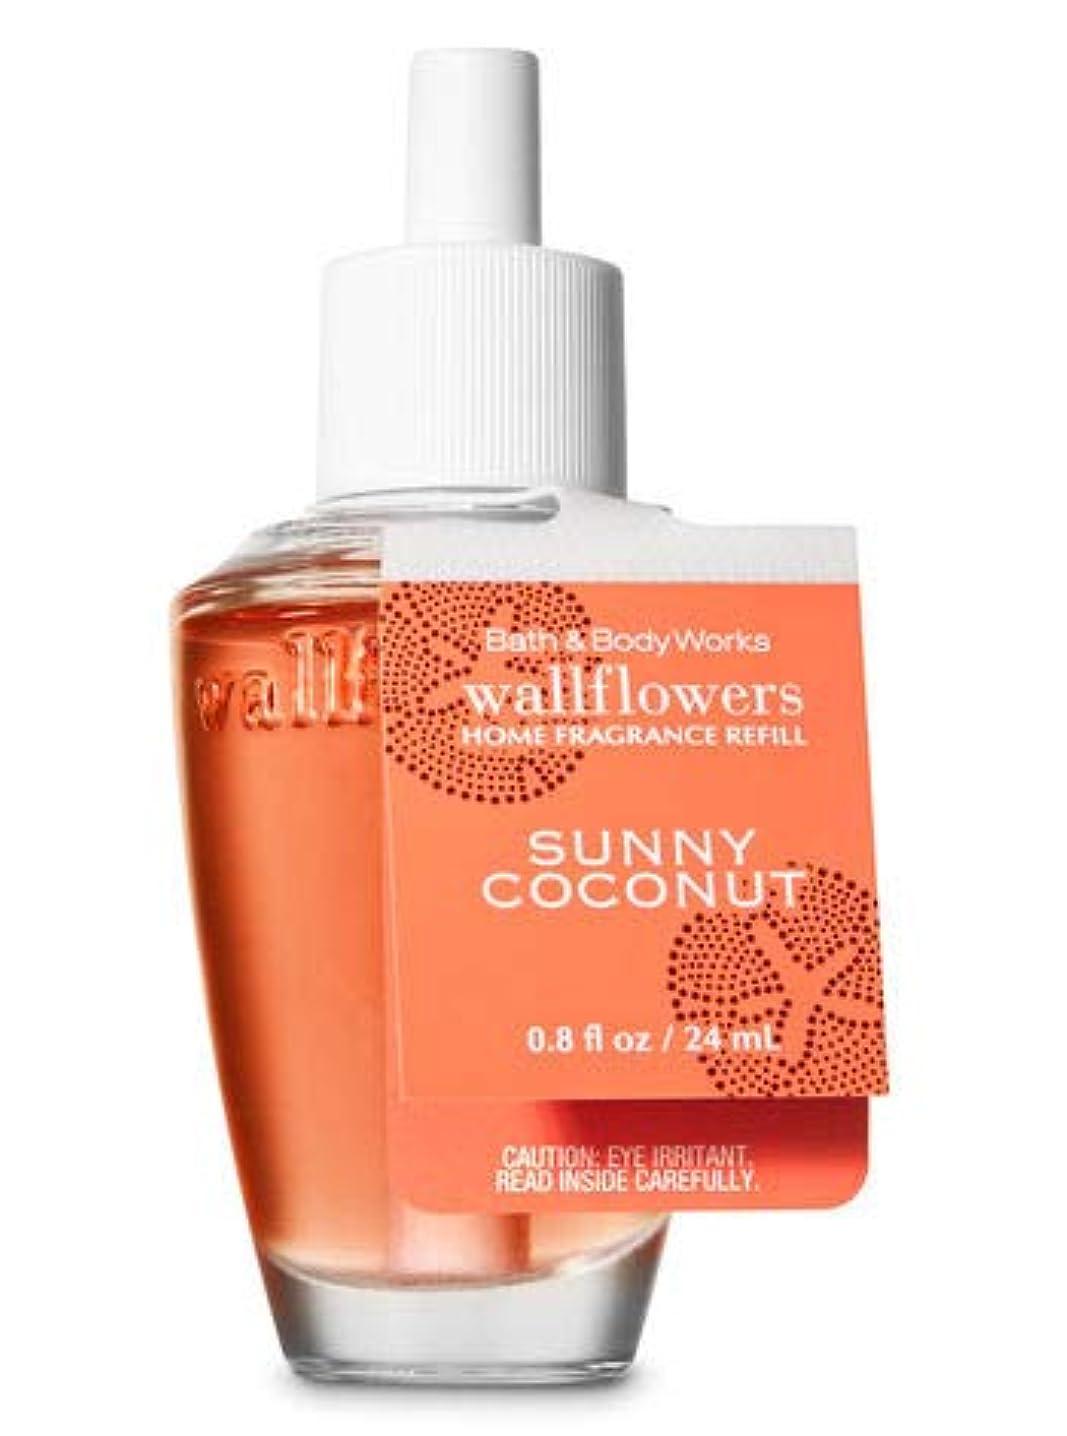 不正直ごみ報いる【Bath&Body Works/バス&ボディワークス】 ルームフレグランス 詰替えリフィル サニーココナッツ Wallflowers Home Fragrance Refill Sunny Coconut [並行輸入品]